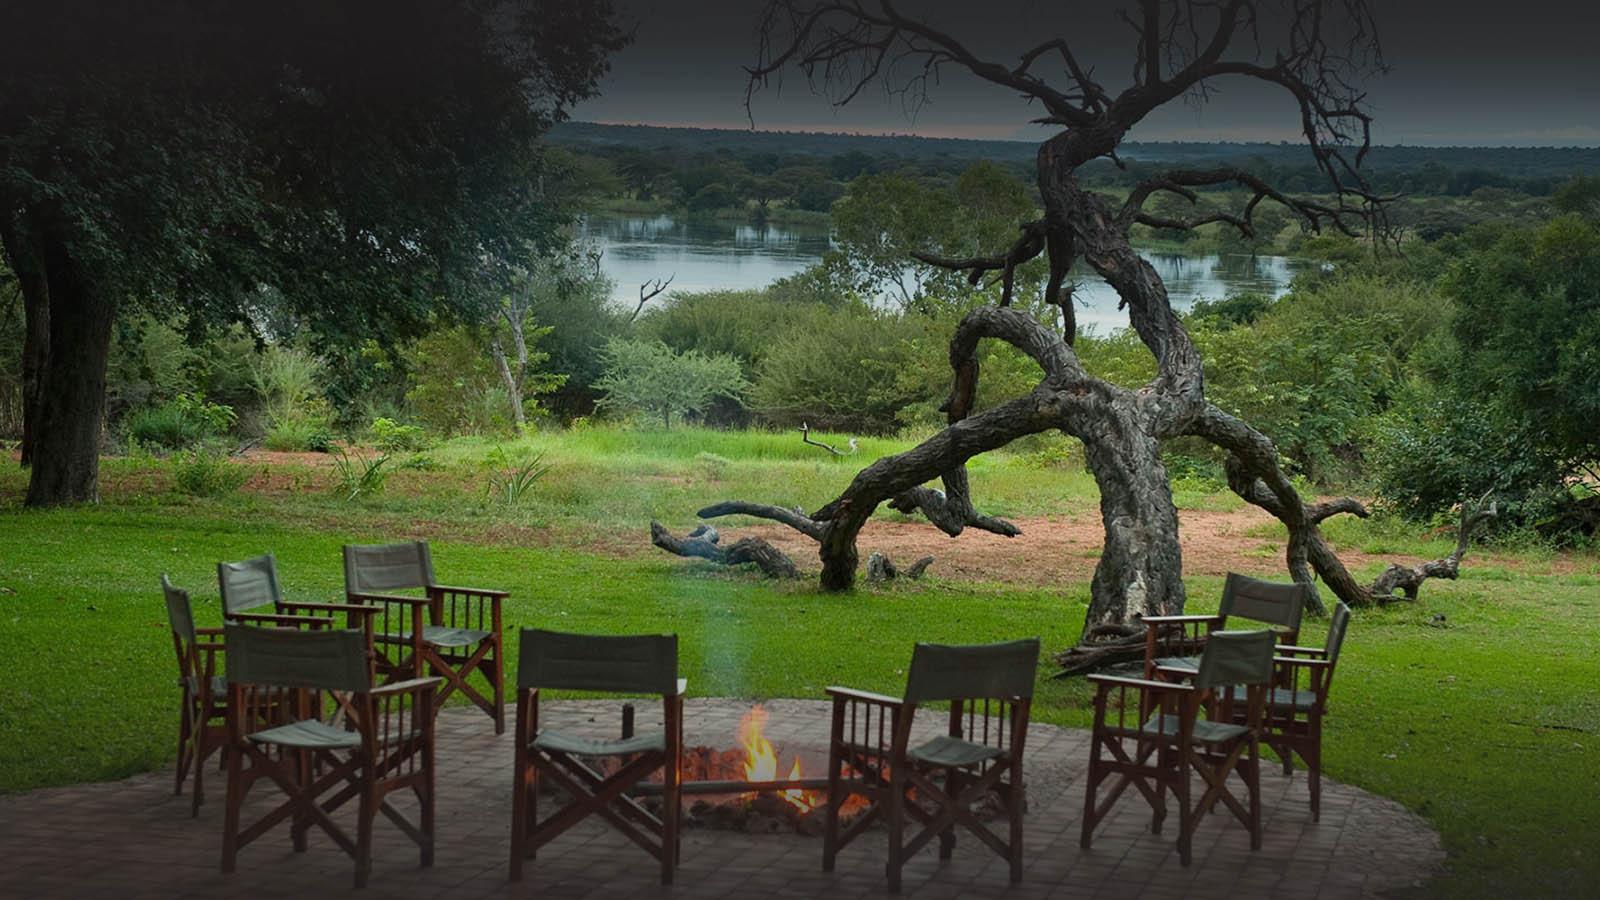 imbalala lodge victoria-falls-zambia-in-style-zimbabwe-lodges-accommodation-fire